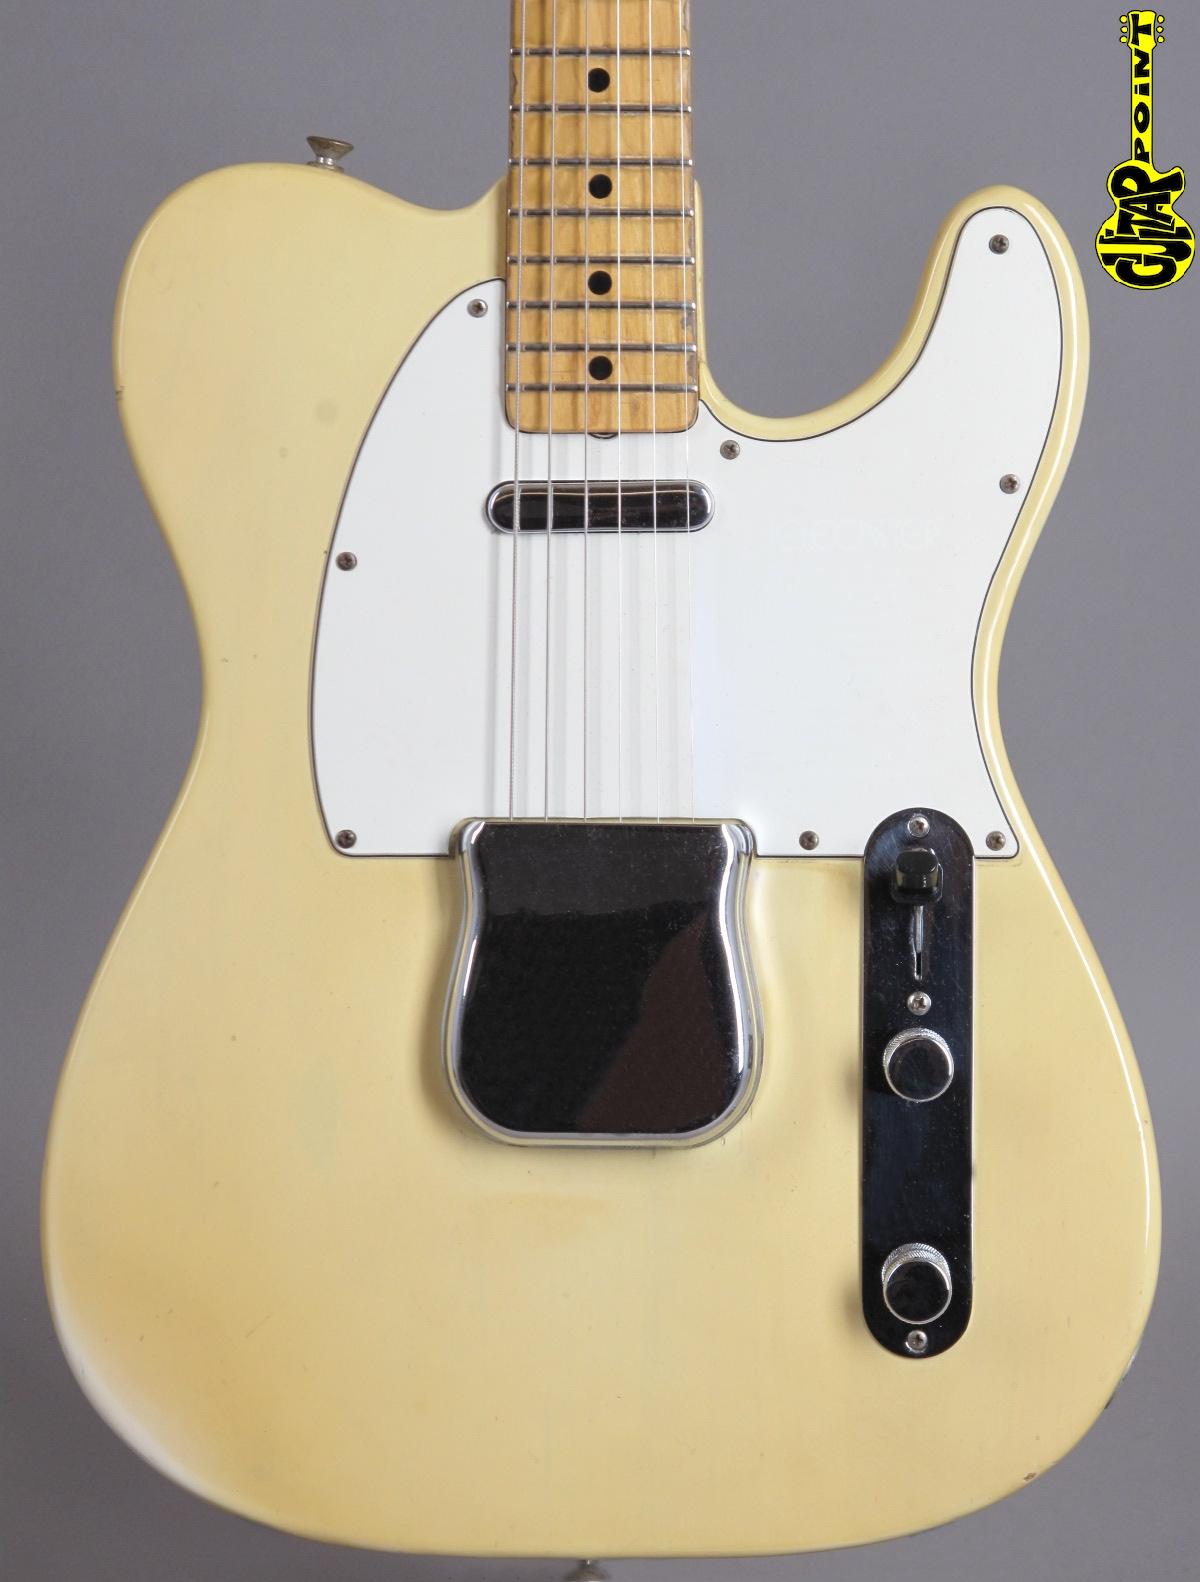 1974 Fender Telecaster - Blond